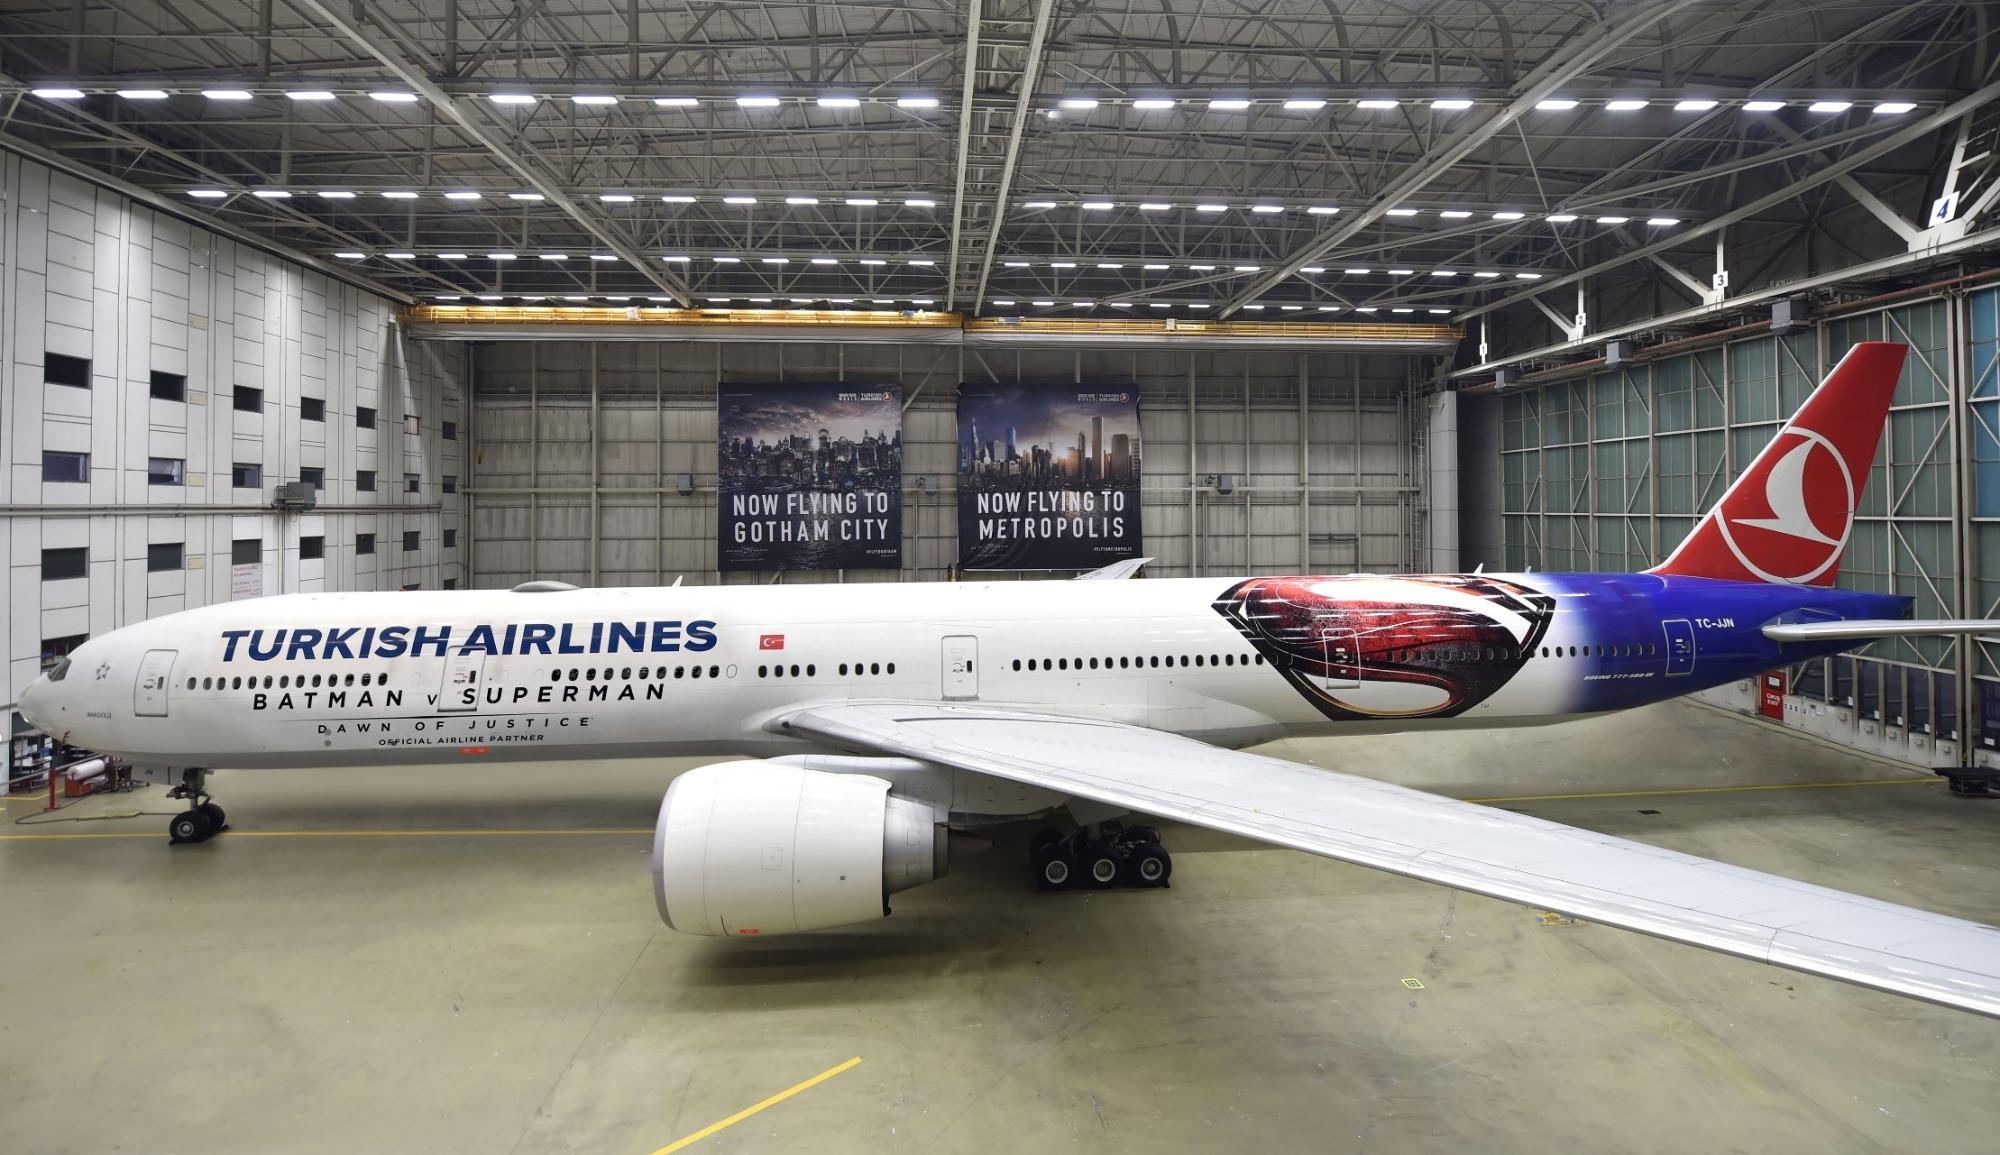 المشاهد الأساسية في الفيلم على متن الطائرة التركية طراز